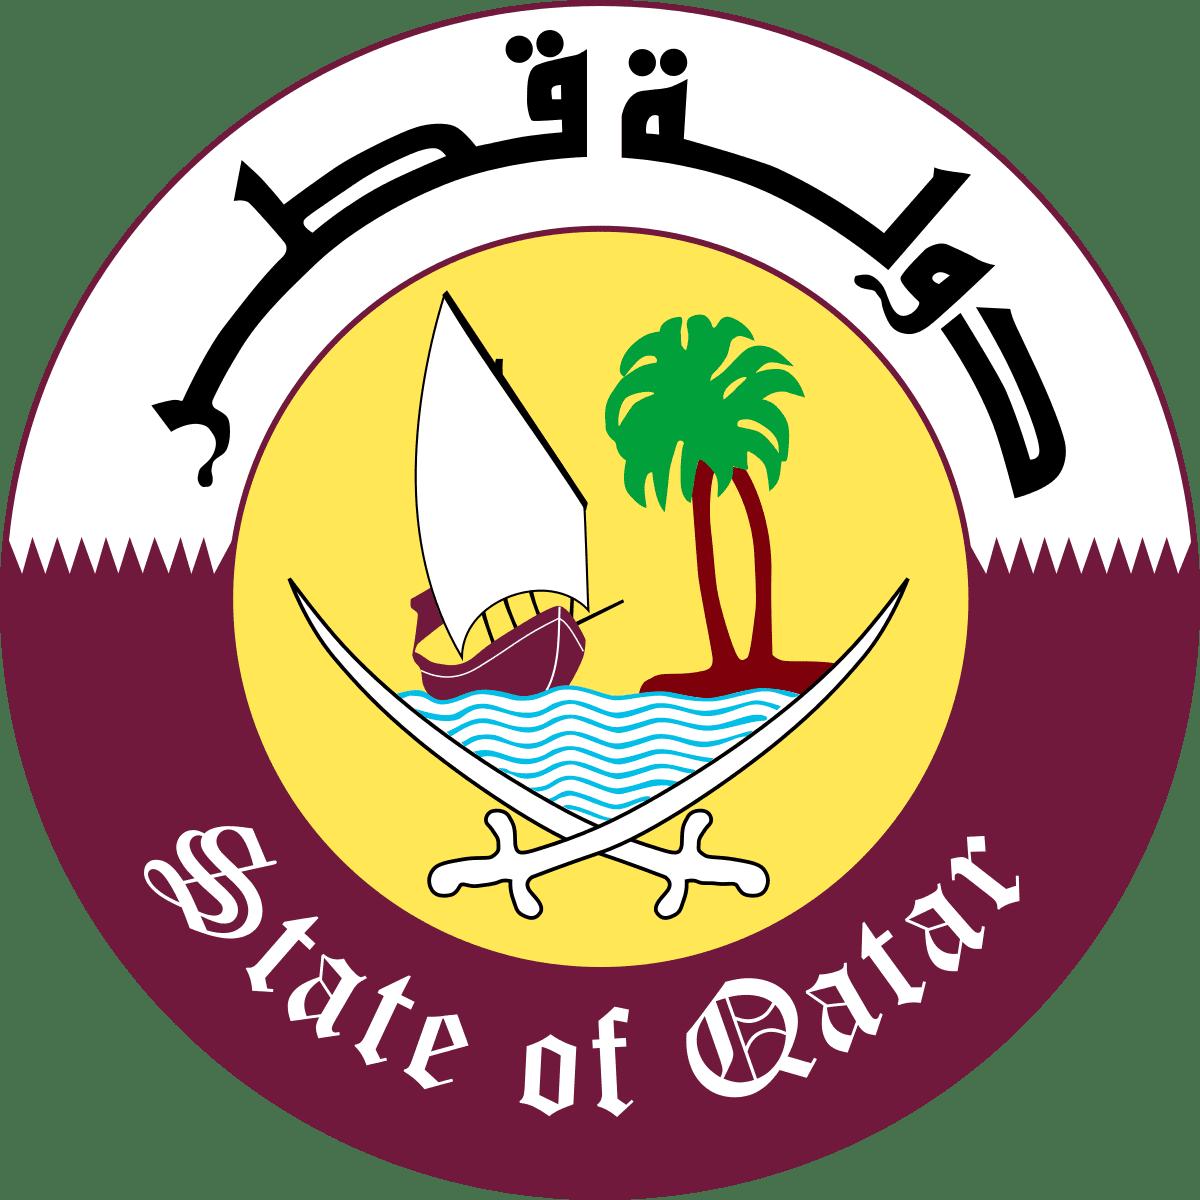 وظائف شاغرة للعمل في دولة قطر من كلا الجنسين